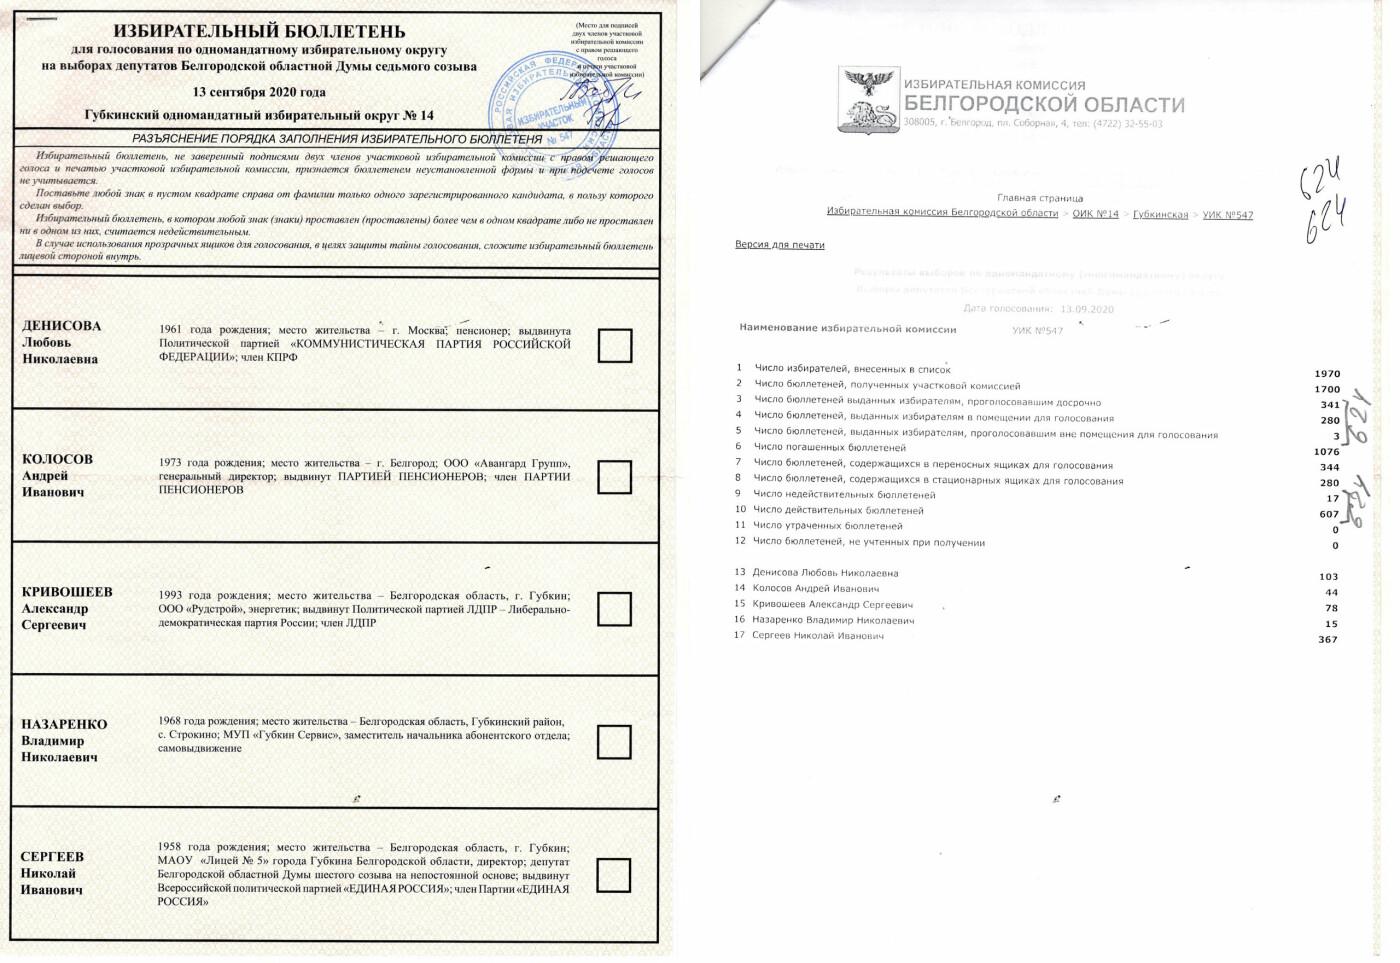 Бюллетени-невидимки. Как посчитали голоса в Губкине на выборах в областную думу, фото-4